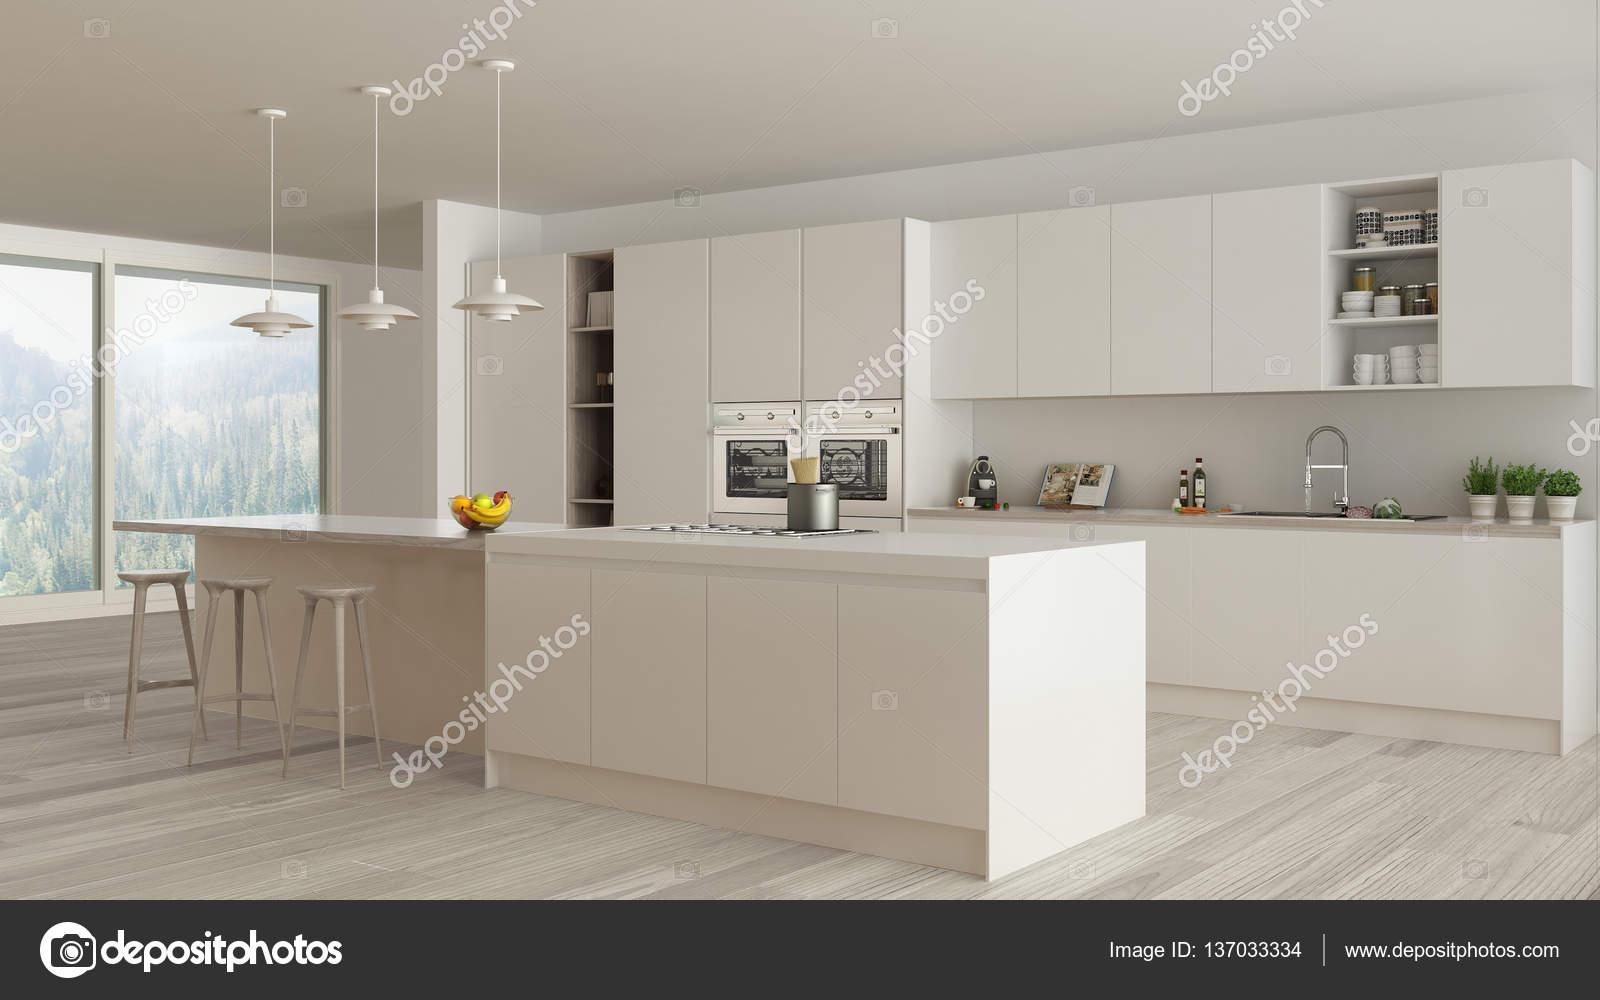 weiße Küche mit Holz- und weißen Details, minima — Stockfoto ...